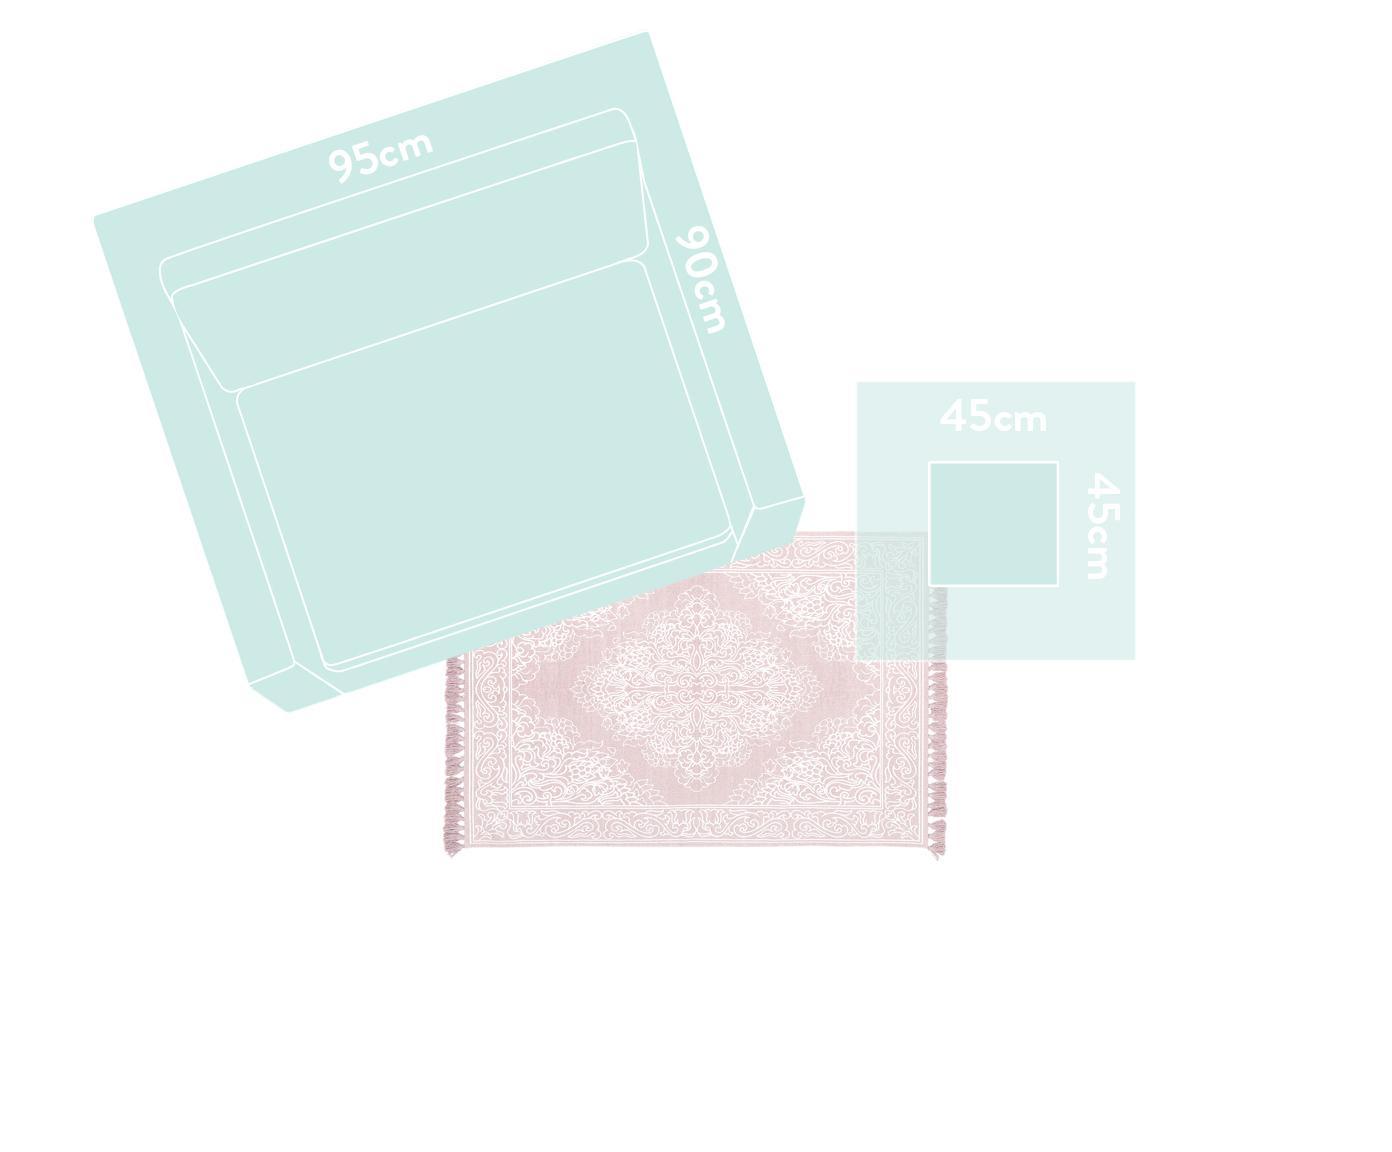 Ručně tkaný bavlněný koberec se střapci Salima, Růžová, krémově bílá